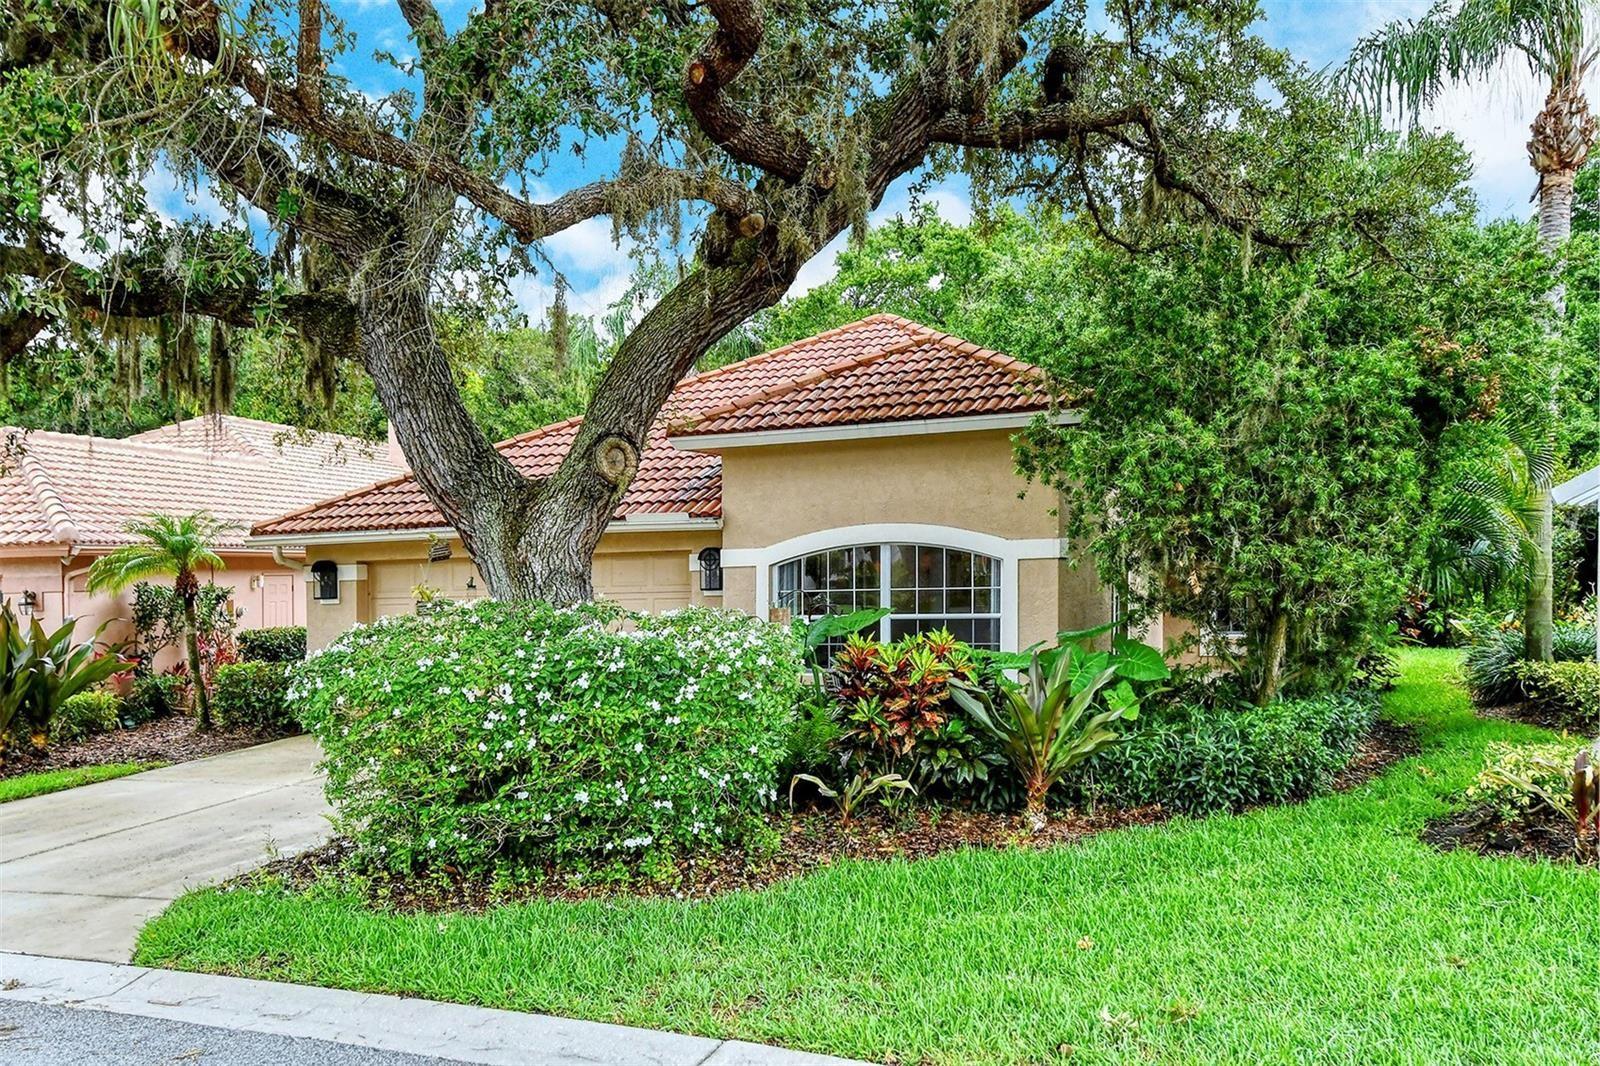 8025 BOBCAT CIRCLE, Sarasota, FL 34238 - #: A4501241